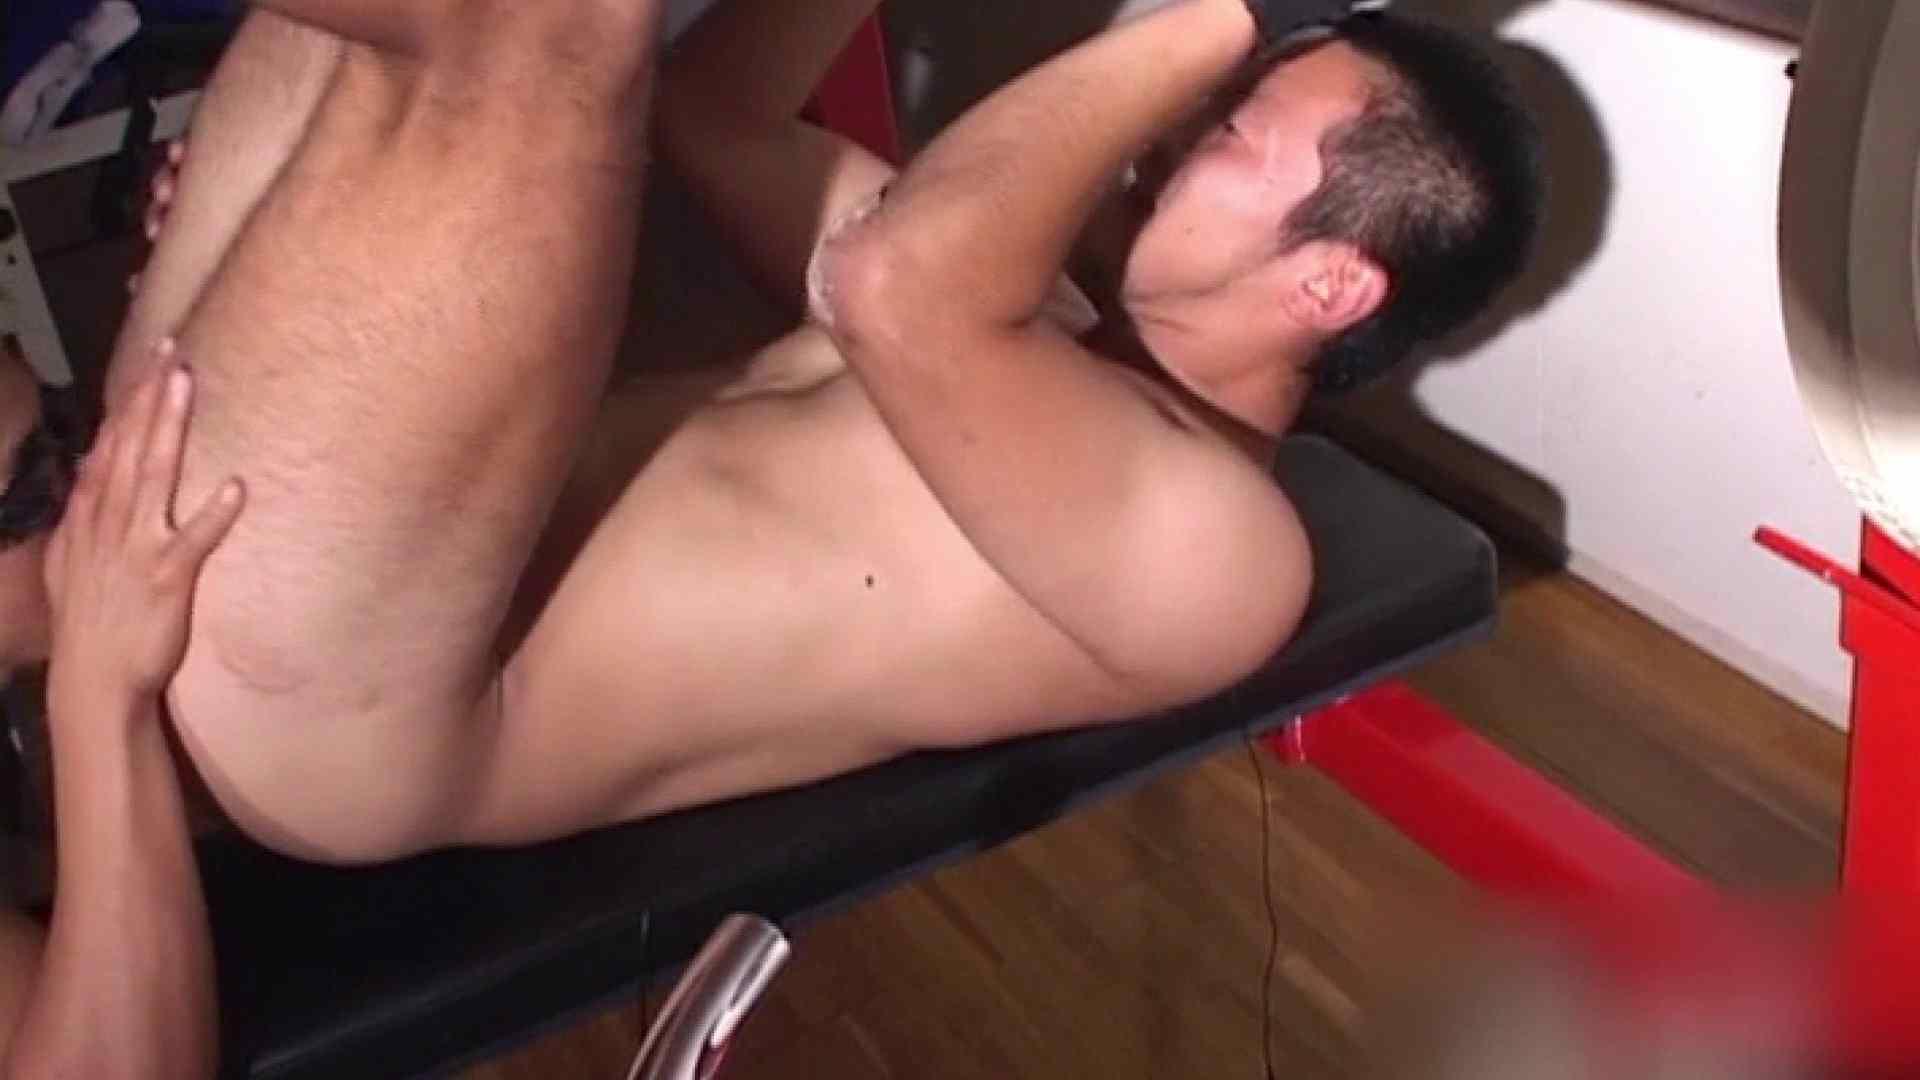 筋肉バカのおてぃんてぃんはほとんどゲイだからぁ…vol.1 男に首ったけ おちんちん画像 78連発 4